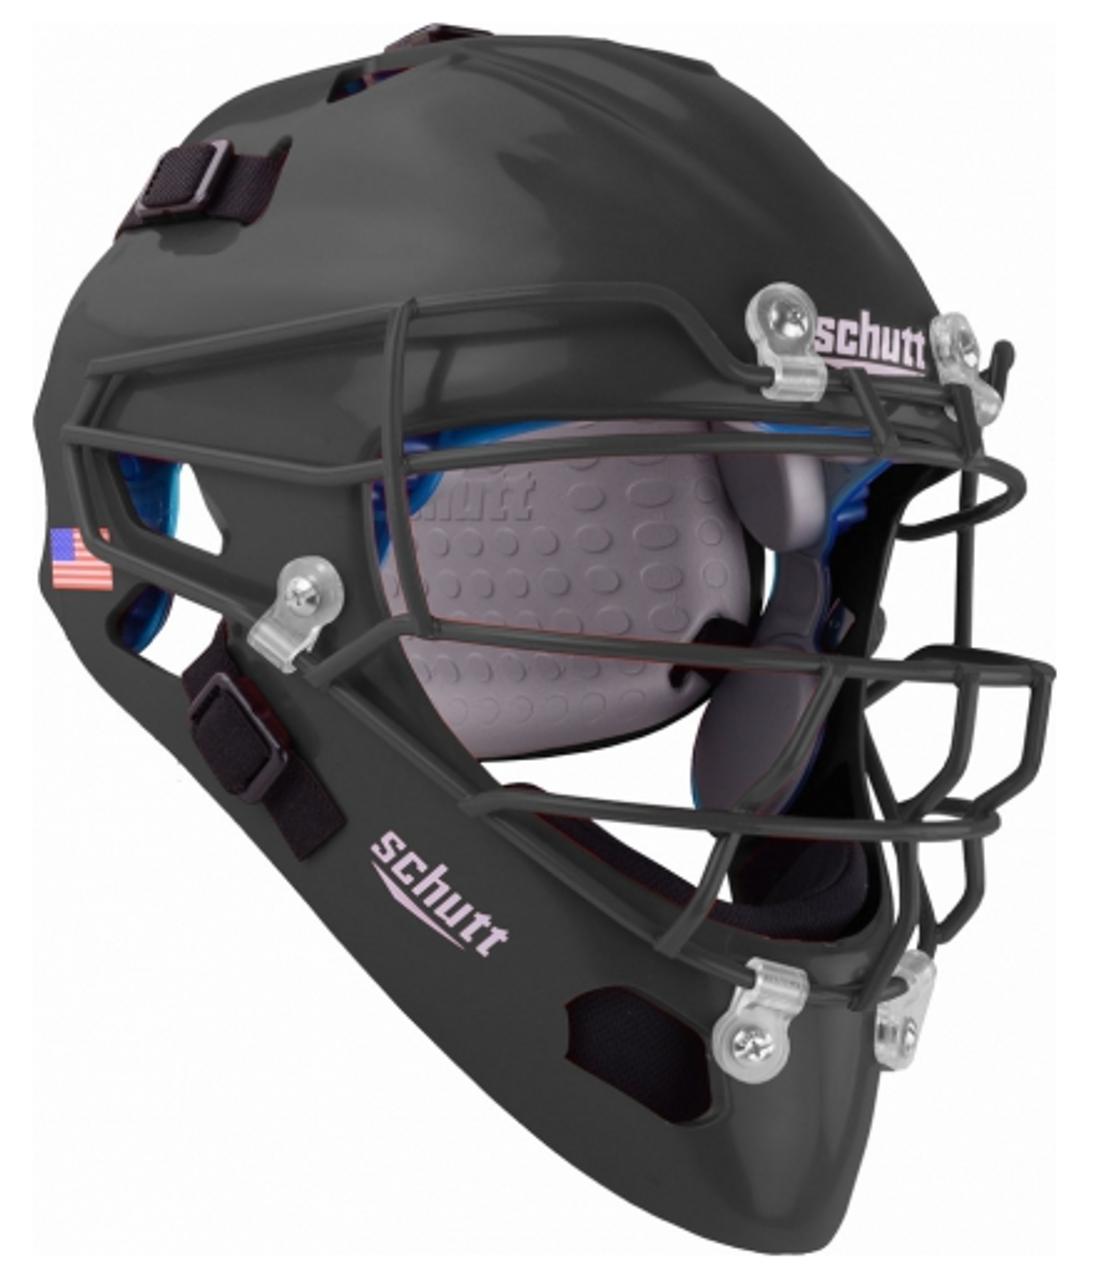 Schutt Air Maxx 2966 Catchers Helmet Legends Athletic Supply